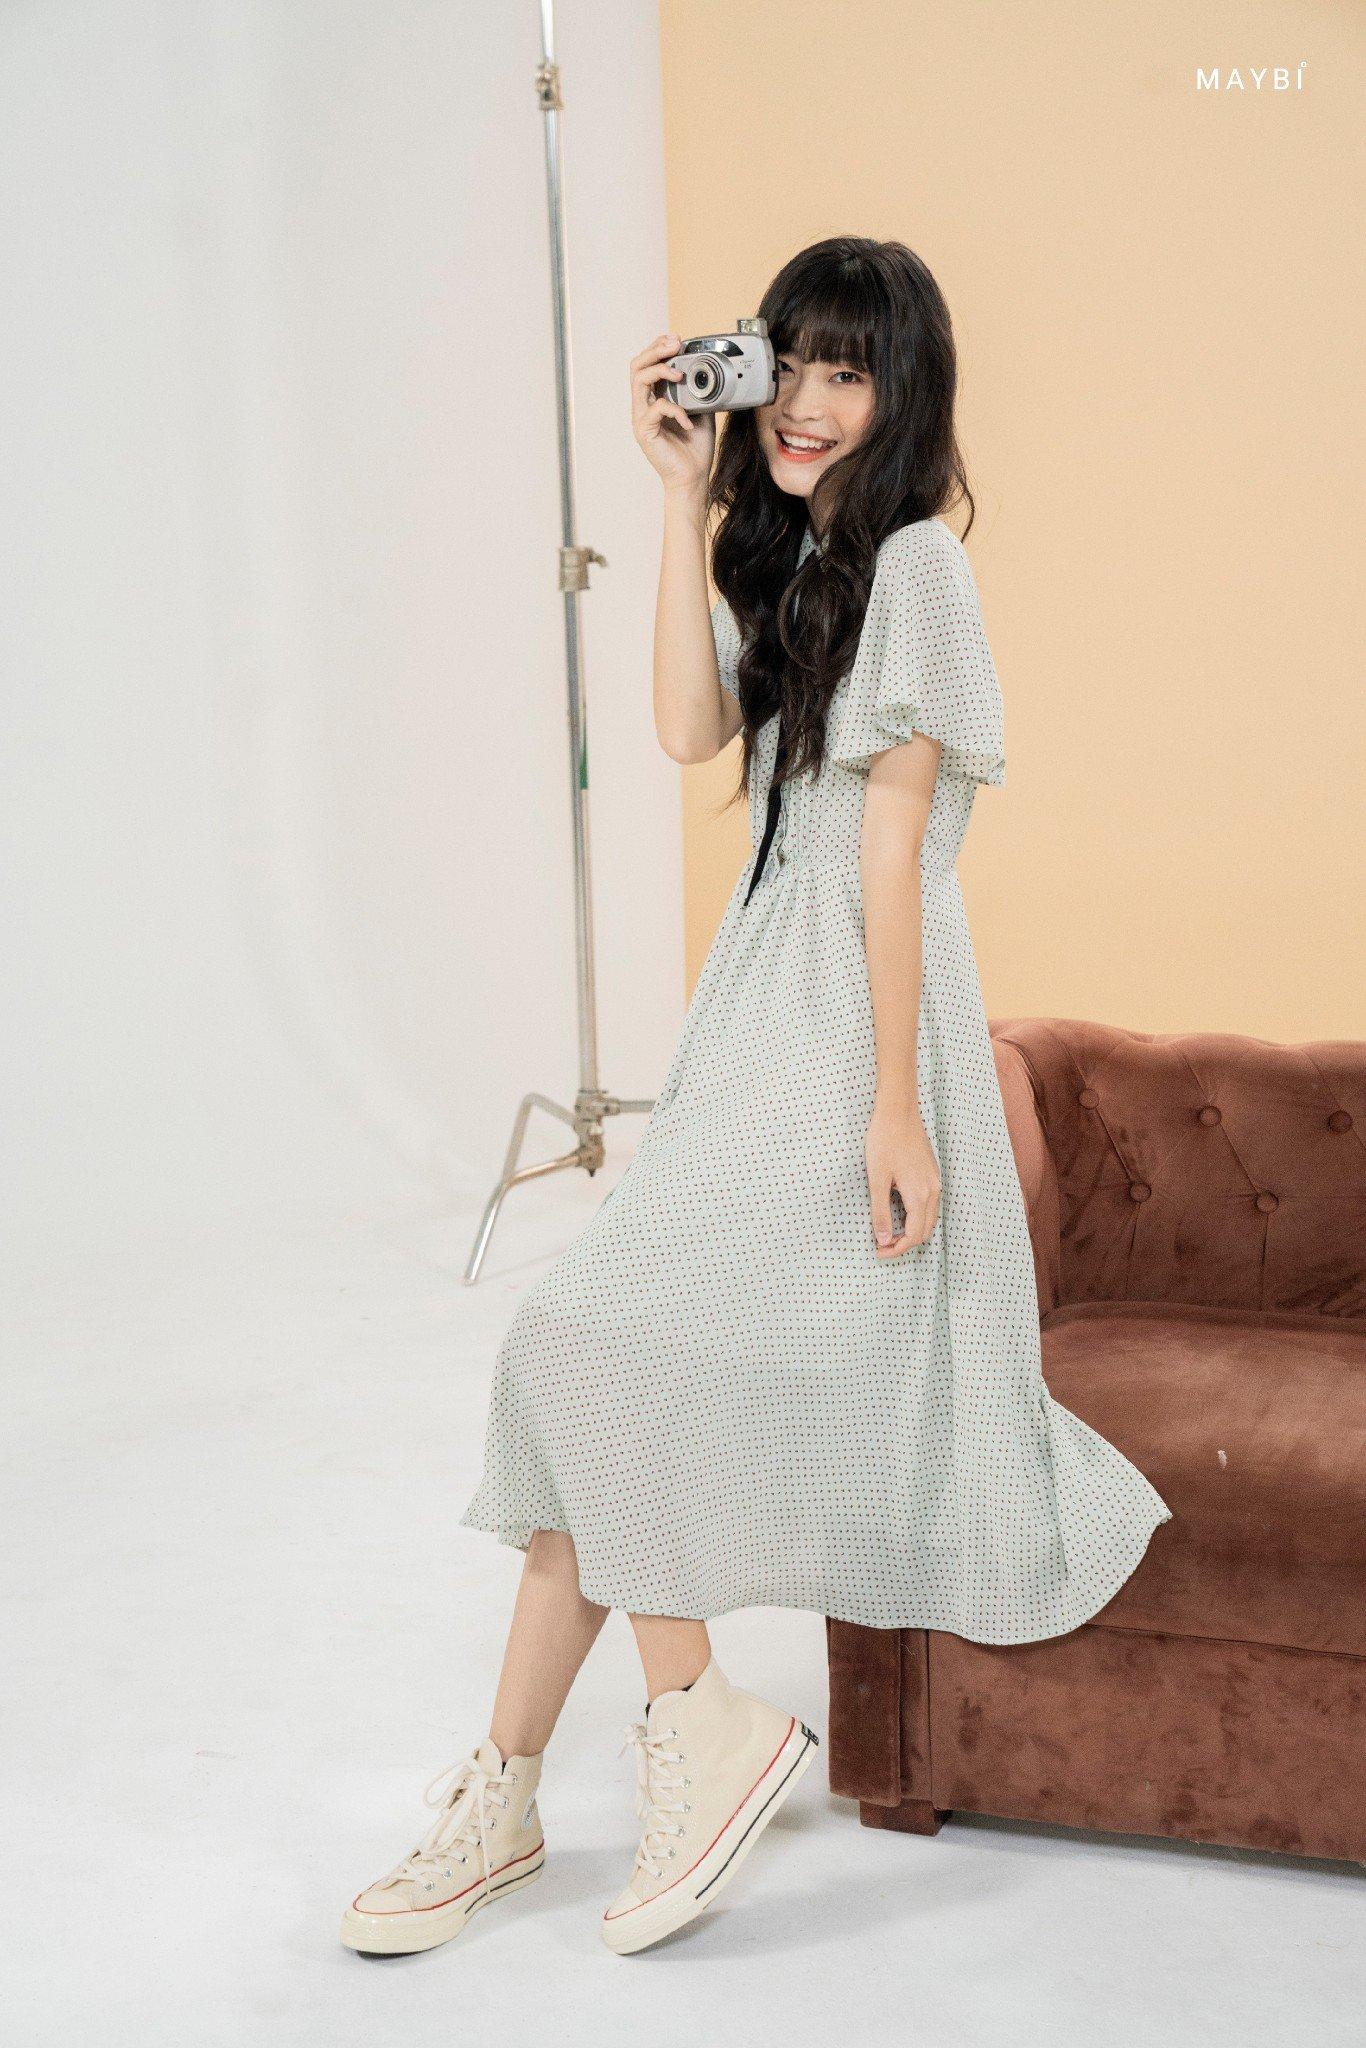 Đầm xanh sơ mi cánh tiên - Maybi Mint Dress